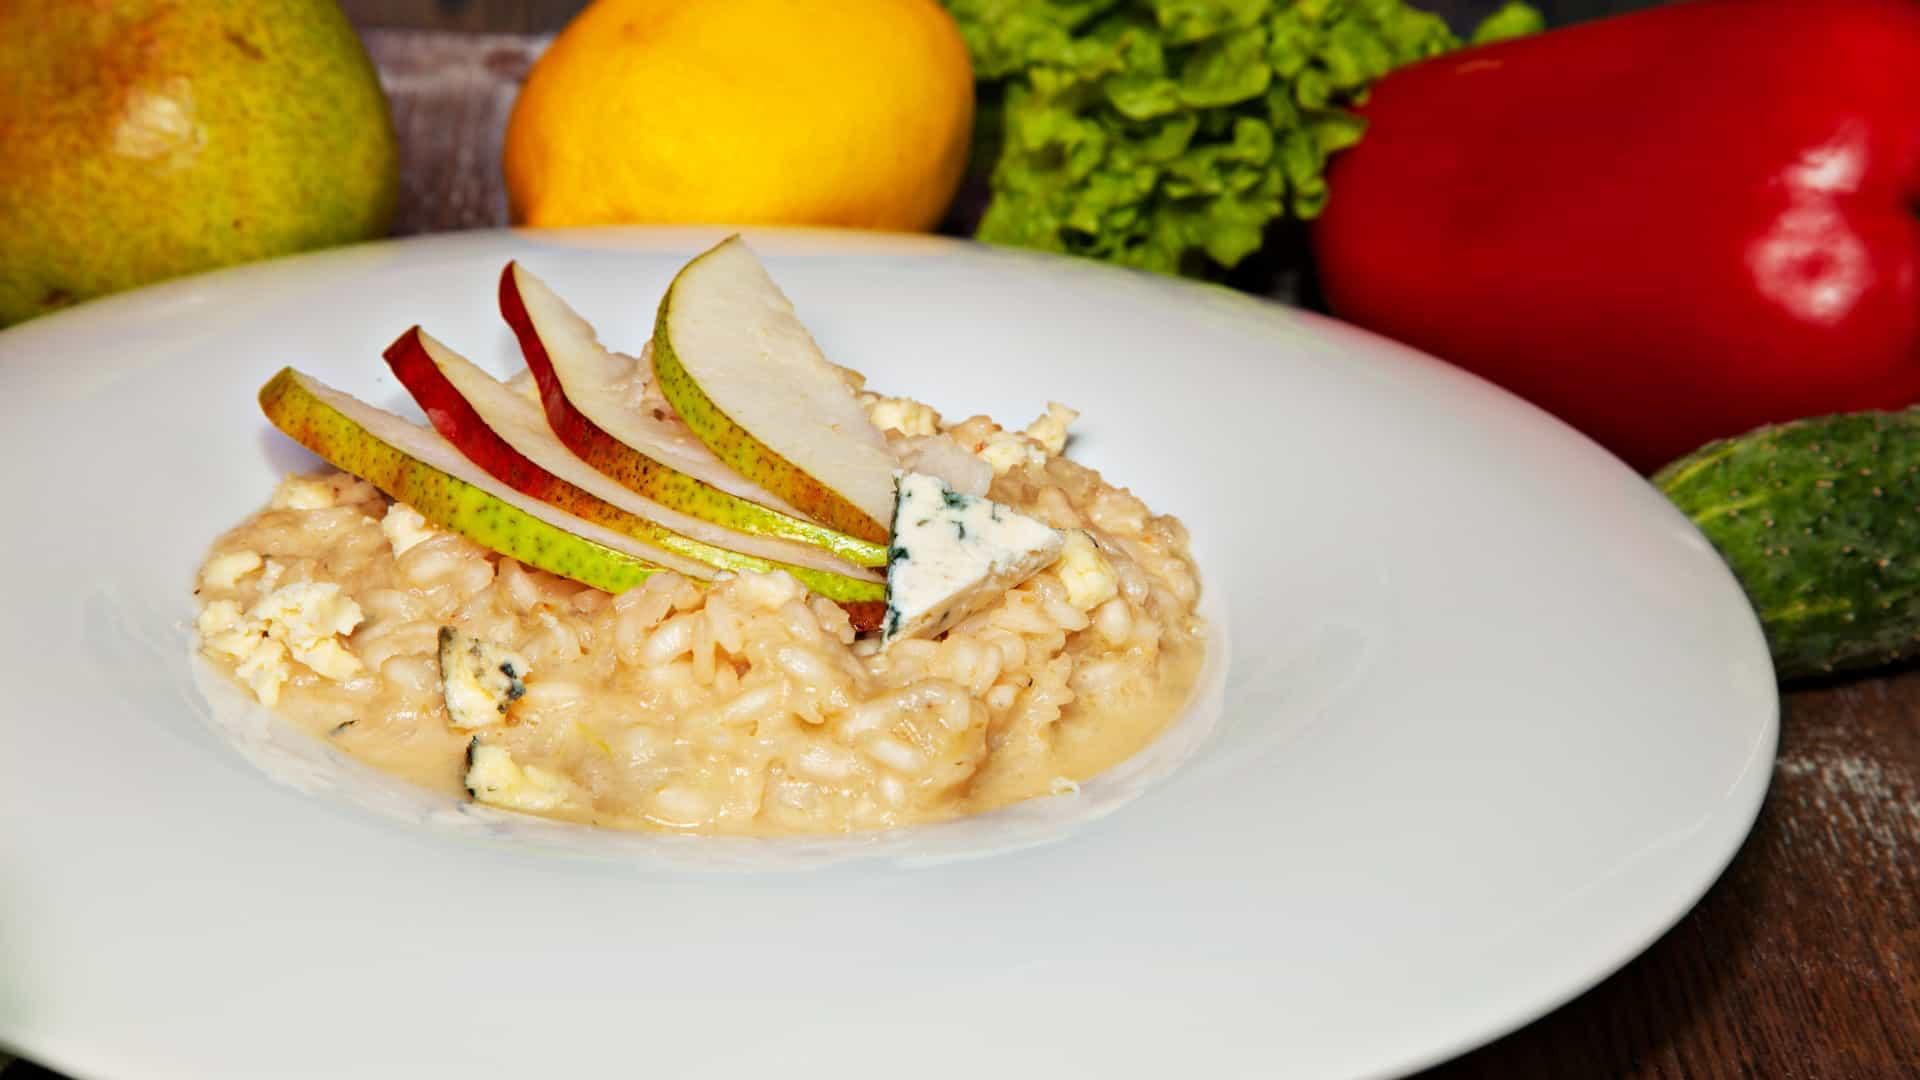 Aprenda a fazer um delicioso risotto de gorgonzola. Bom apetite!